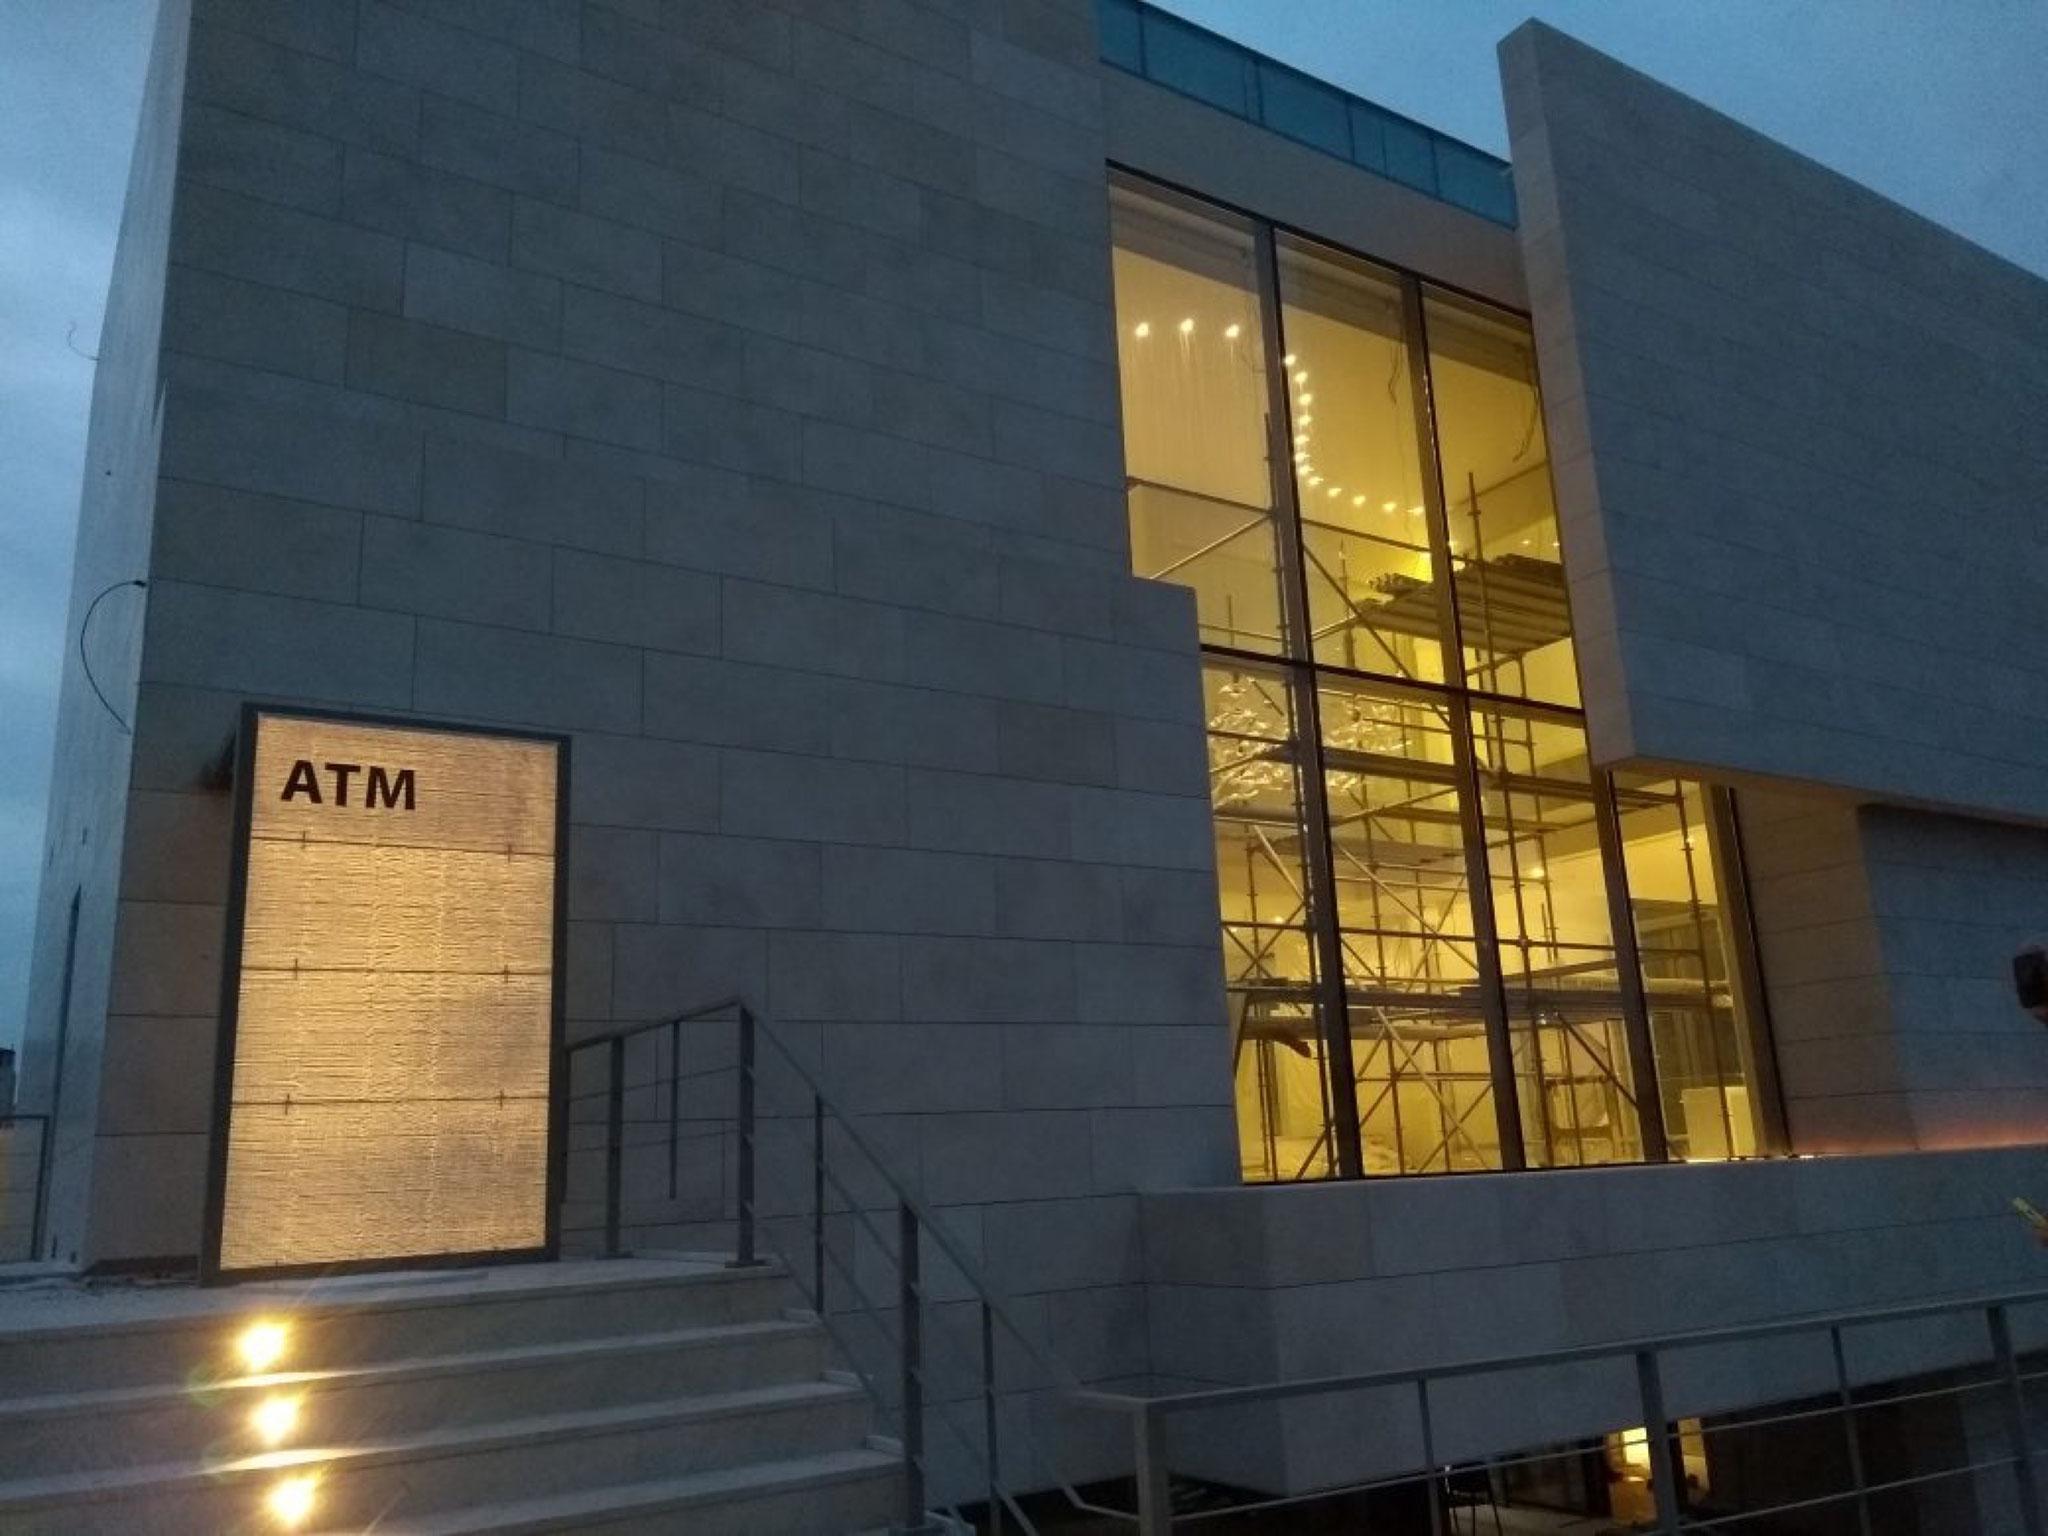 Atm Möbel capital bank branch amman lucem lichtbeton